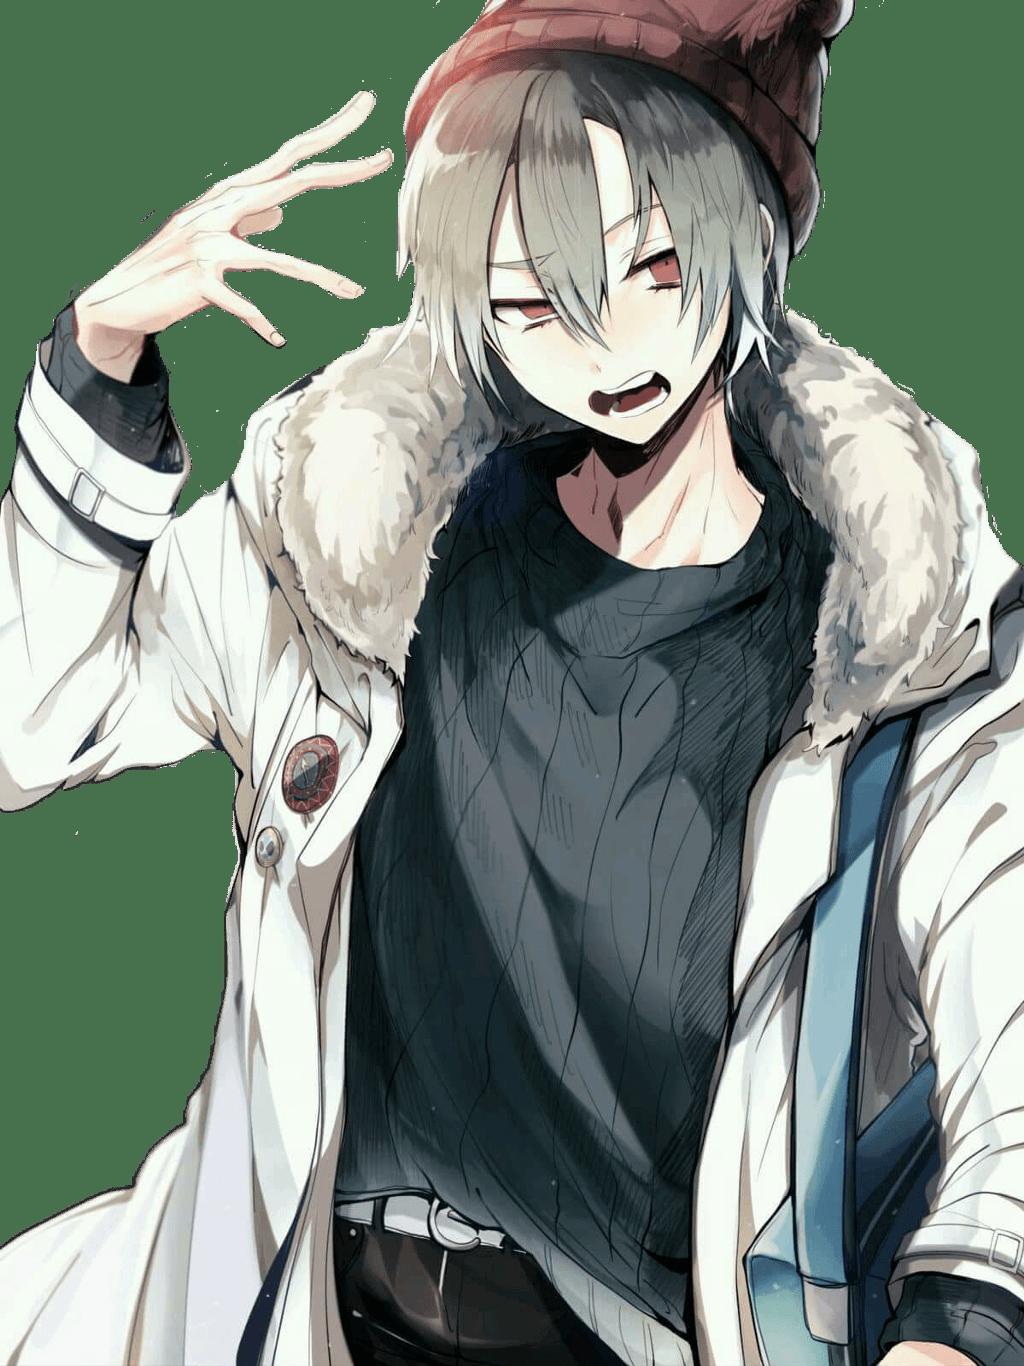 Hoodie Cute Gamer Anime Boy : hoodie, gamer, anime, Hoodie, Anime, Wallpapers, Wallpaper